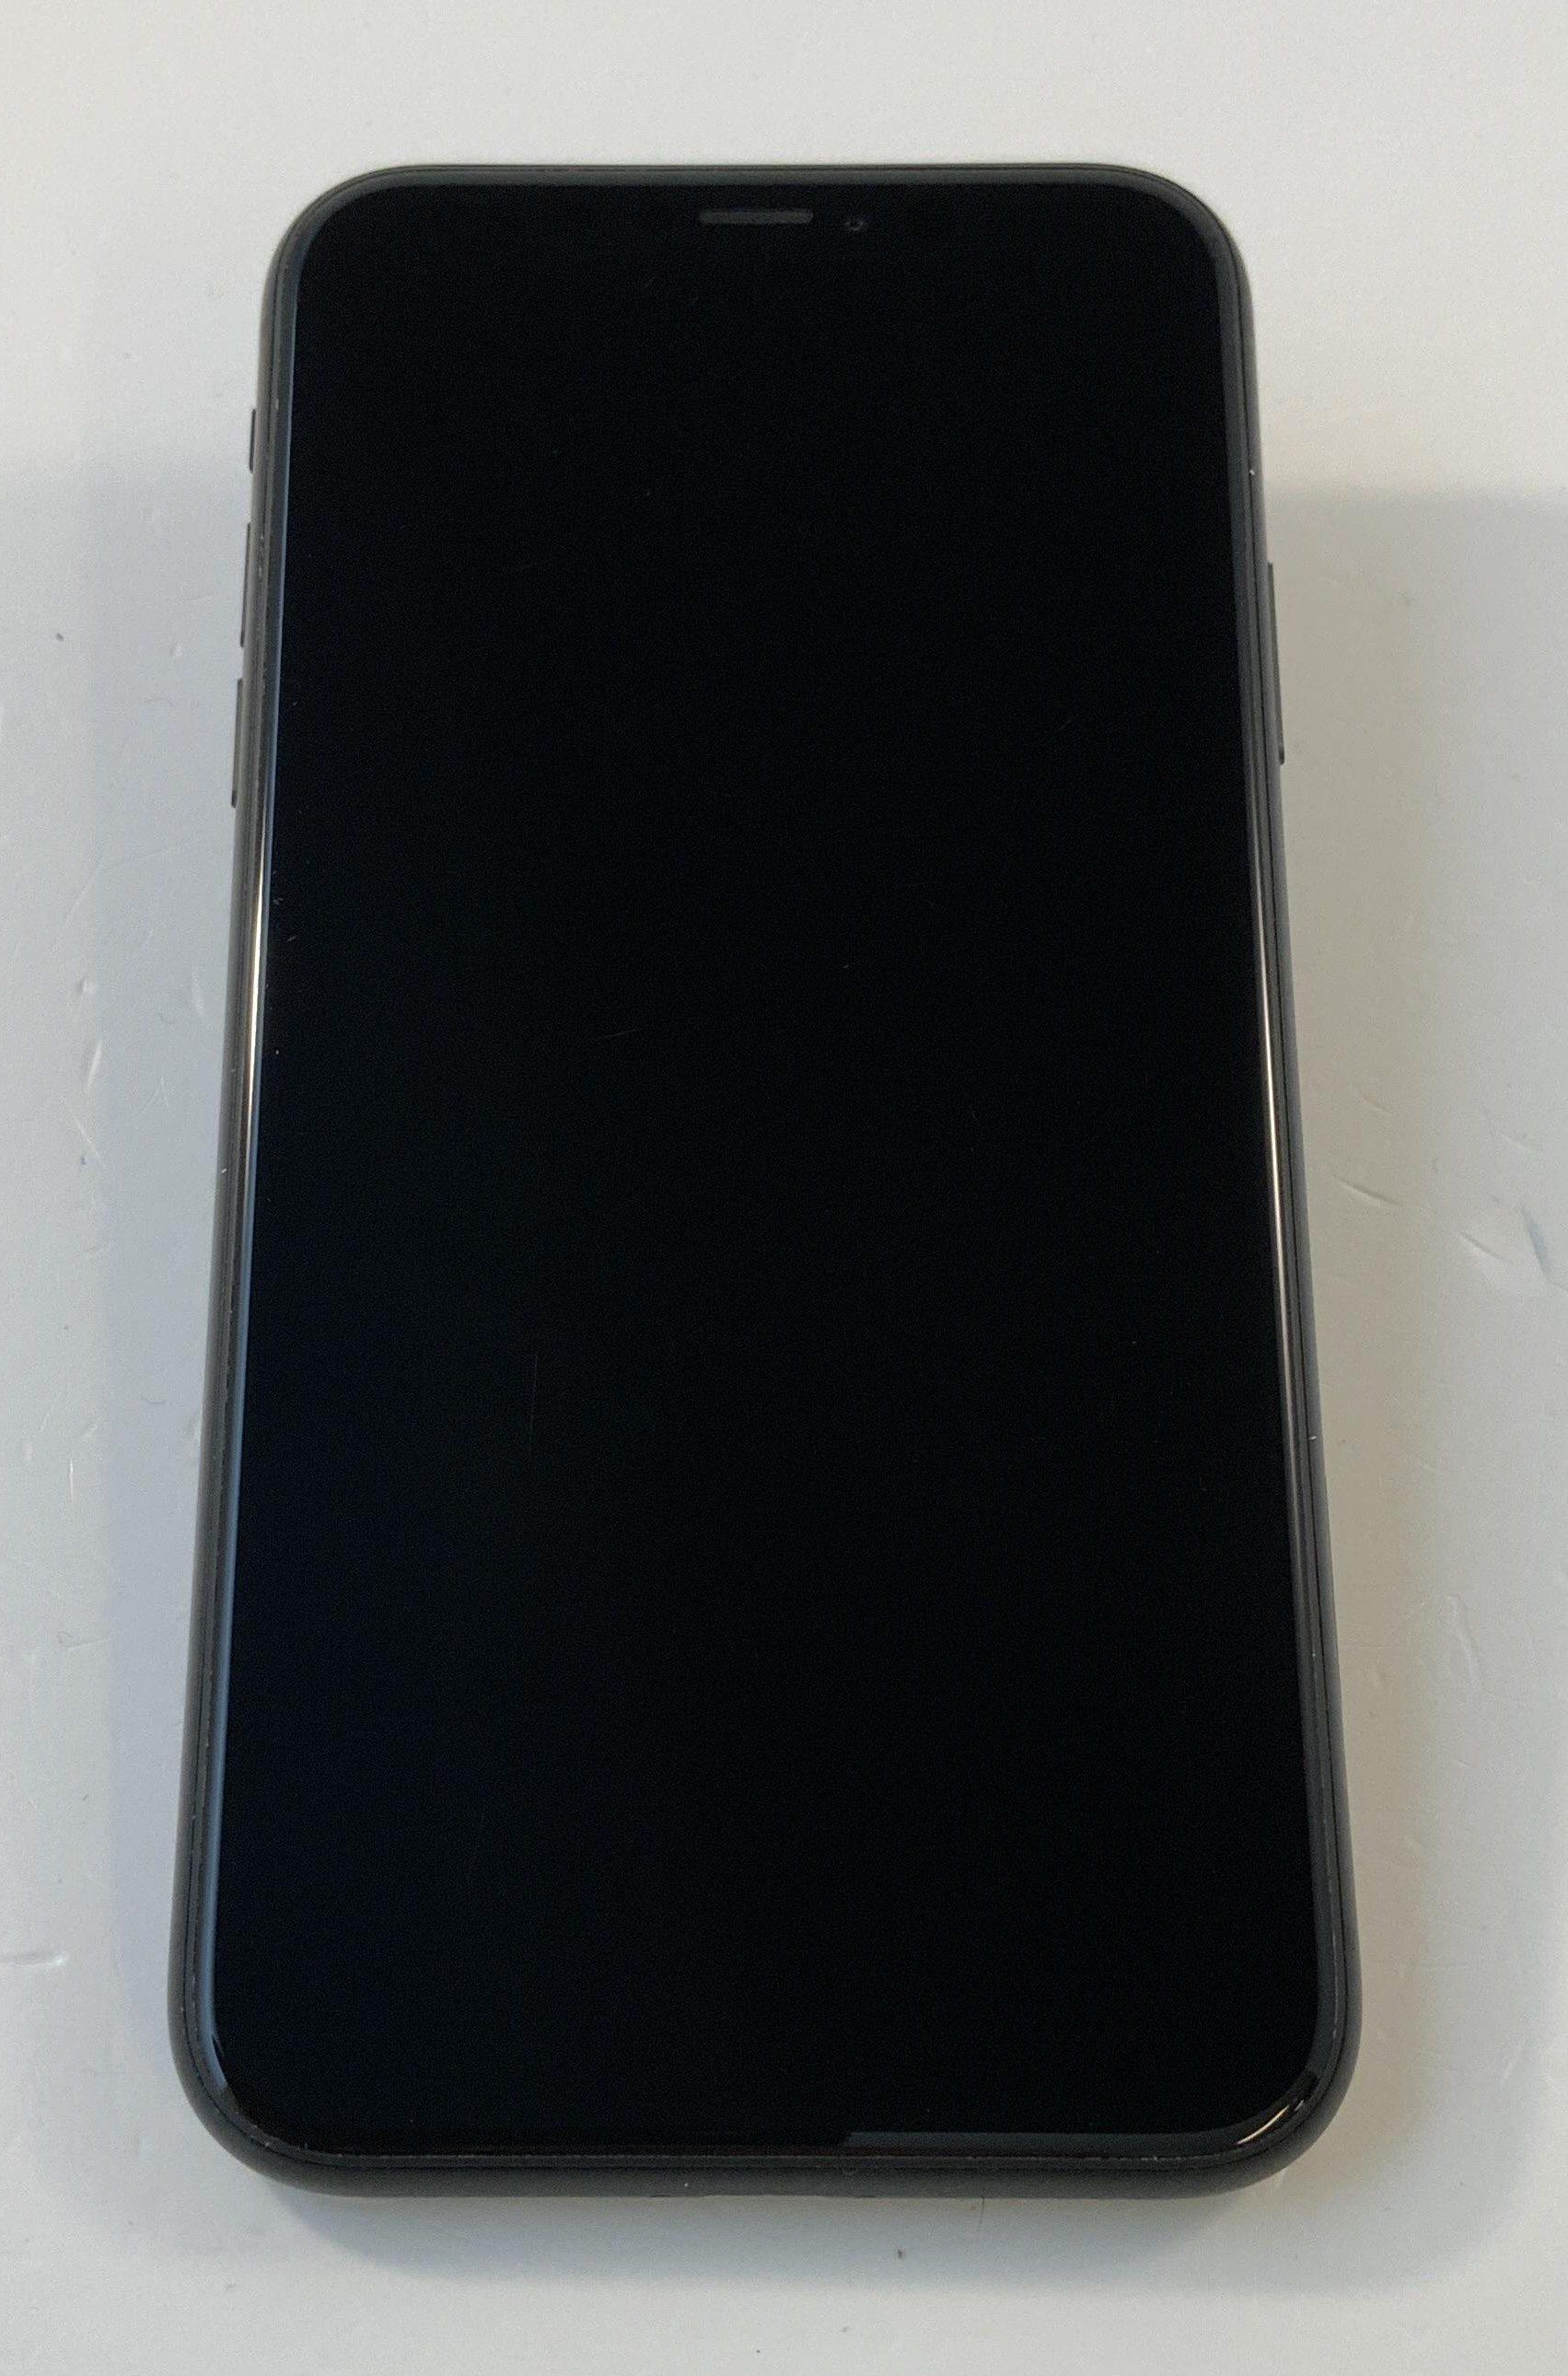 iPhone XR 64GB, 64GB, Black, immagine 1